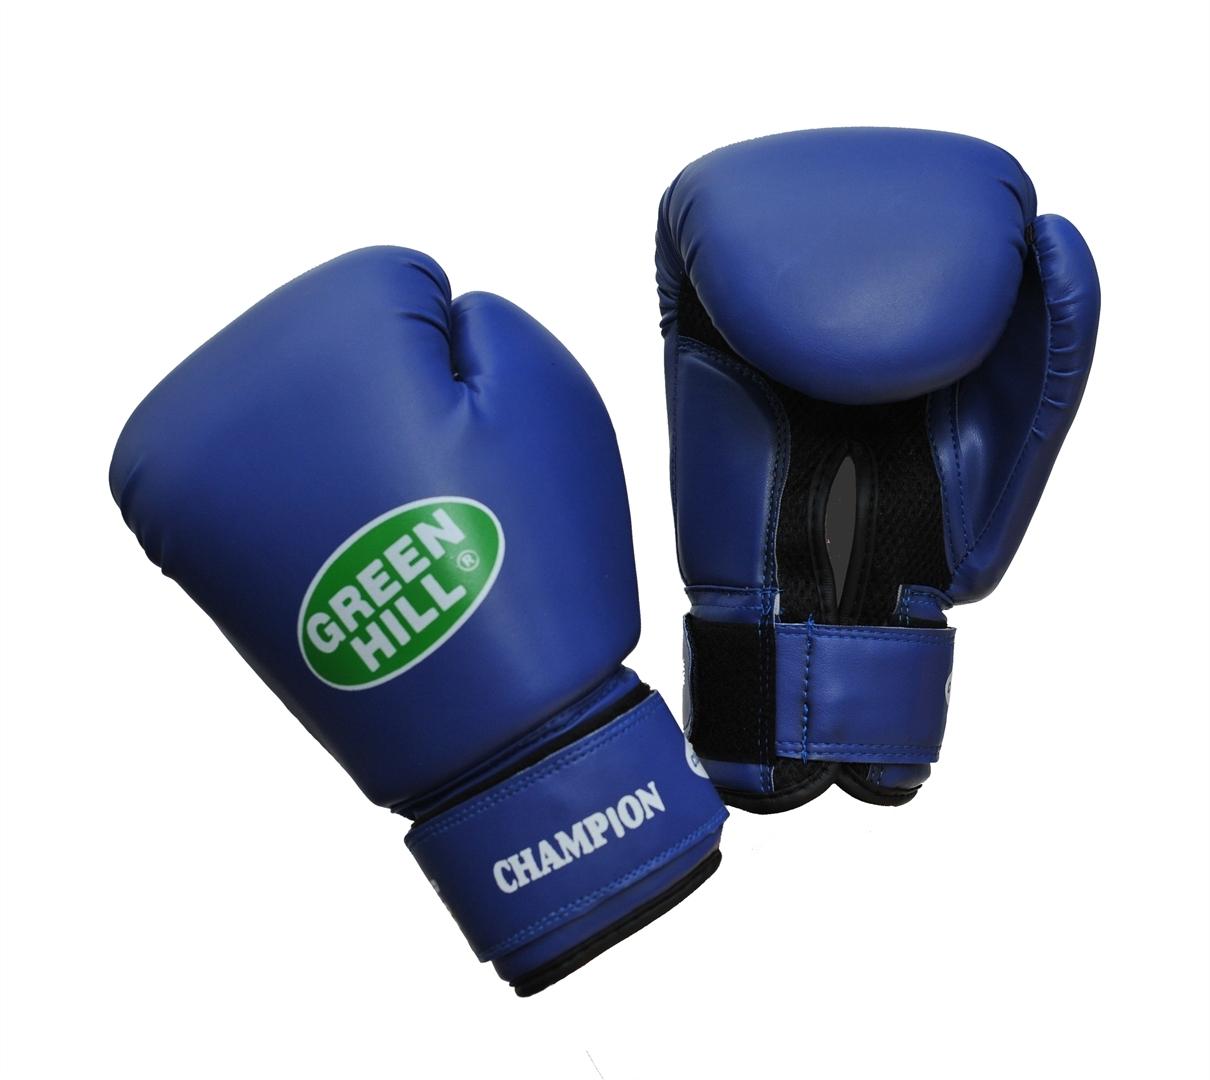 Перчатки боксерские Green Hill Champion, цвет: синий. Вес 10 унцийBGC-2040bБоксерские перчатки Green Hill Champion предназначены для тренировок и соревнований. Верх выполнен из синтетической кожи, наполнитель - из пенополиуретана. Вставка из прочной замшевой сетки в области ладони позволяет создать максимально комфортный терморежим во время занятий. Перчатка хорошо проветривается благодаря системе воздухообмена. Широкий ремень, охватывая запястье, полностью оборачивается вокруг манжеты, благодаря чему создается дополнительная защита лучезапястного сустава от травмирования. Застежка на липучке способствует быстрому и удобному одеванию перчаток, плотно фиксирует перчатки на руке.